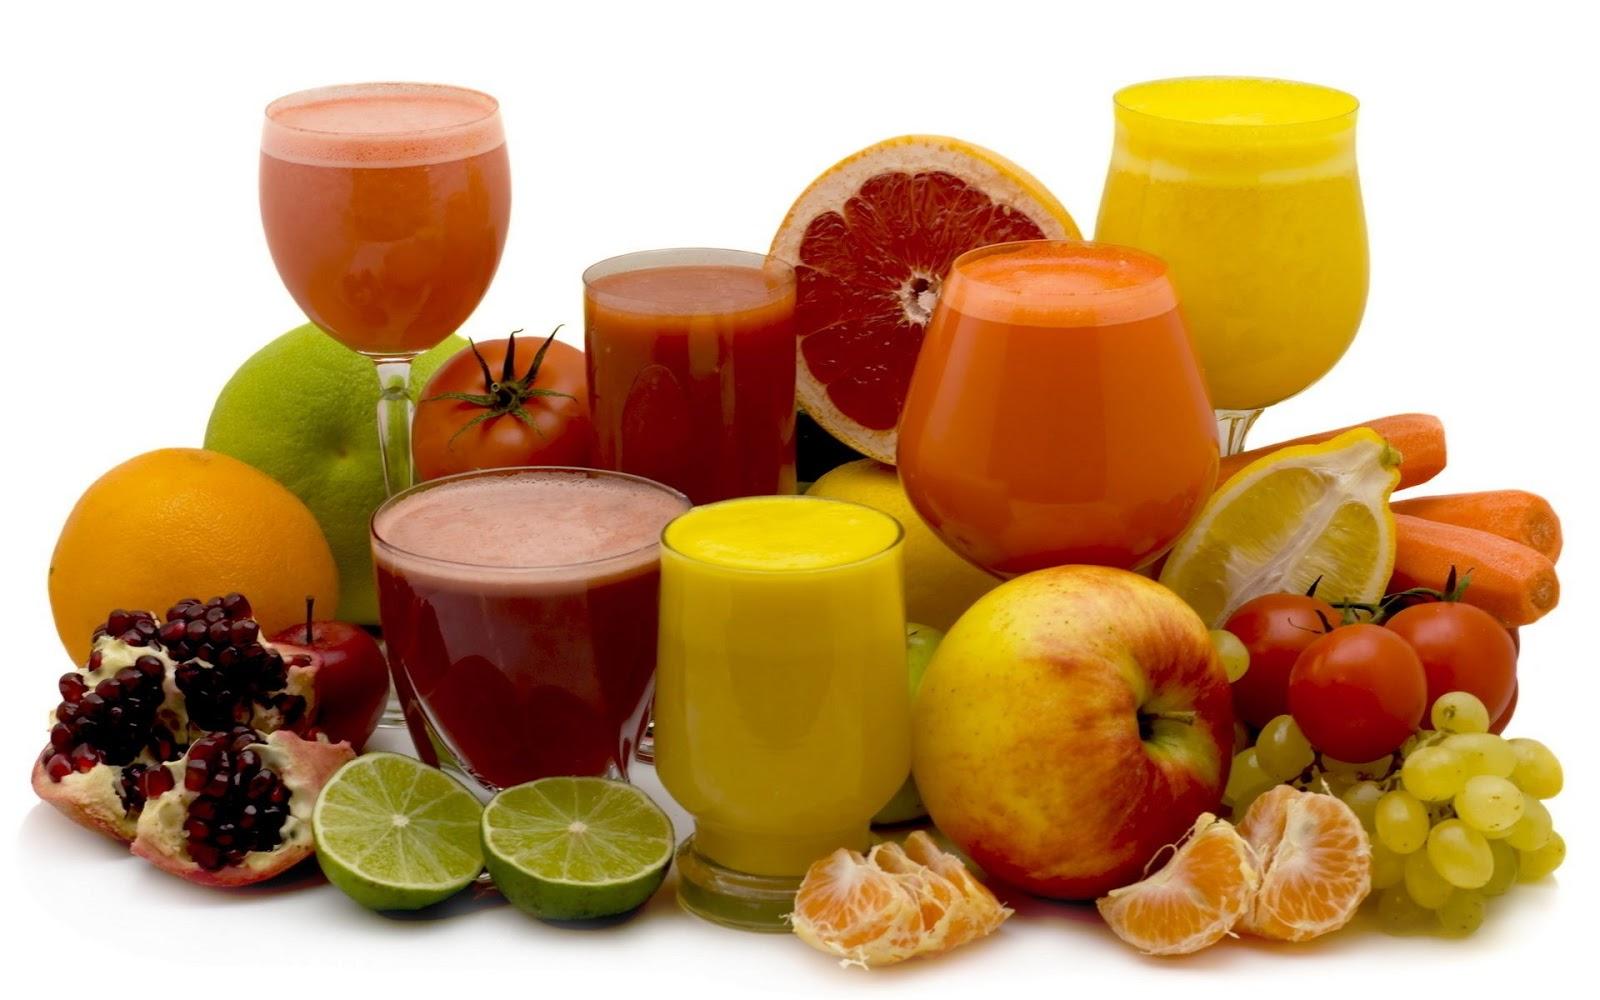 Nước ép hoa quả cũng có nguy cơ tăng bệnh tiểu đường. Ảnh minh họa